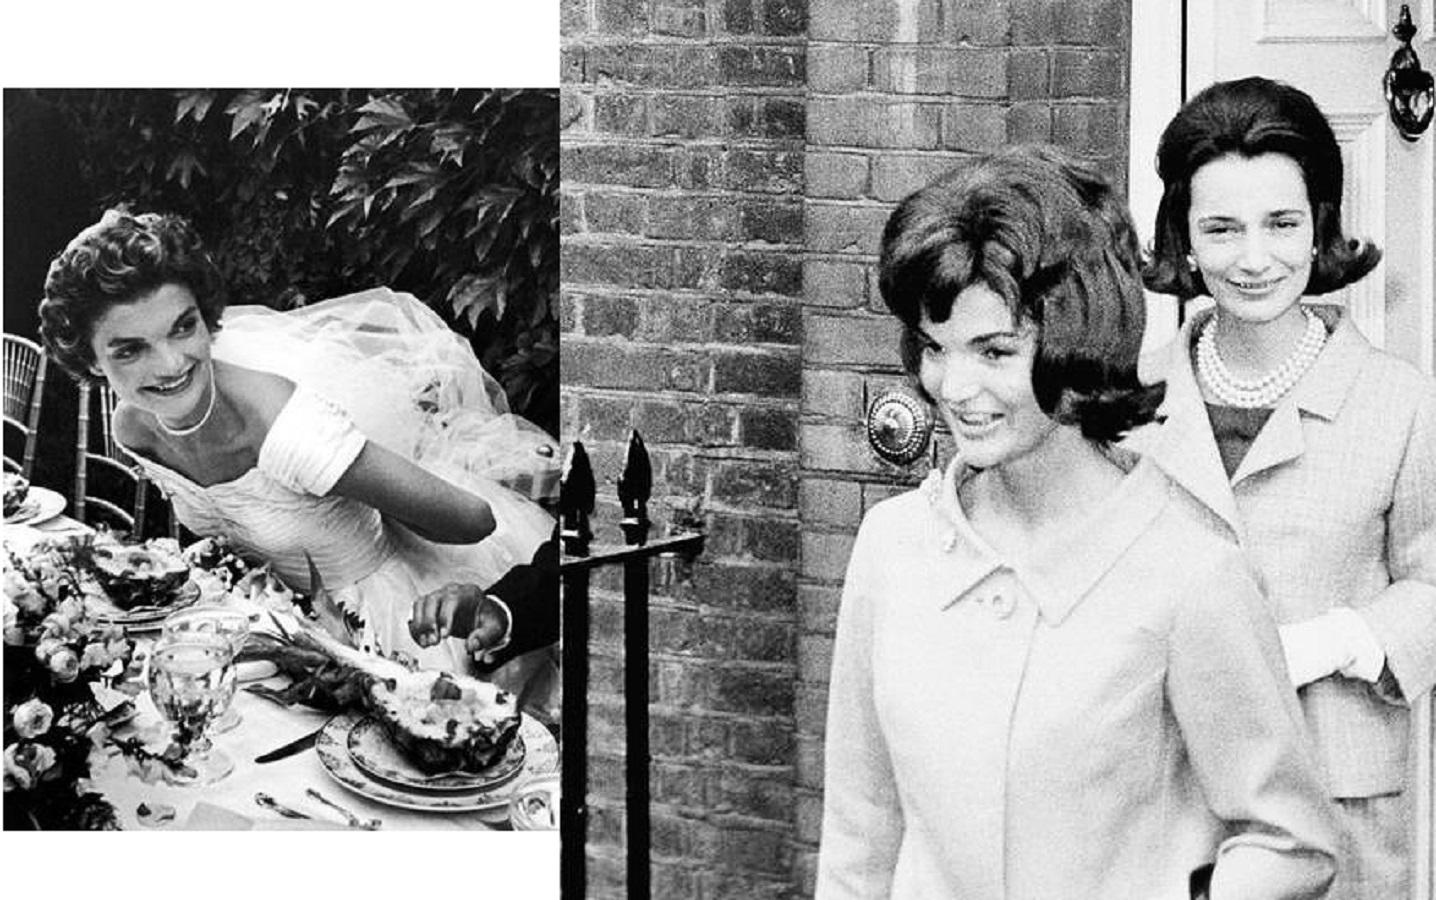 La dieta ferrea di Jackie Kennedy: cosa mangiava l'ex first lady